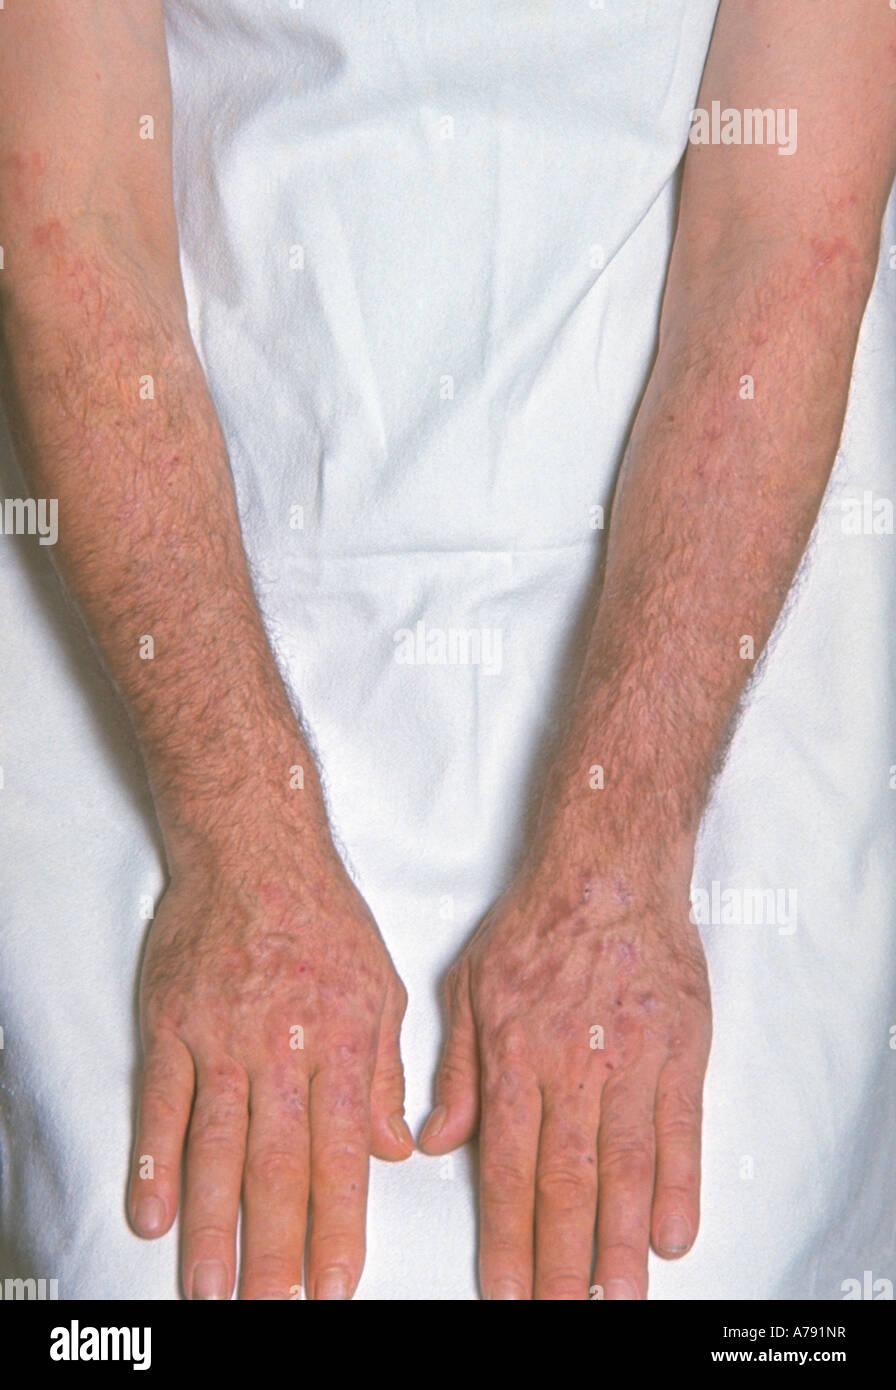 Pictures cutanea tarda porphyria